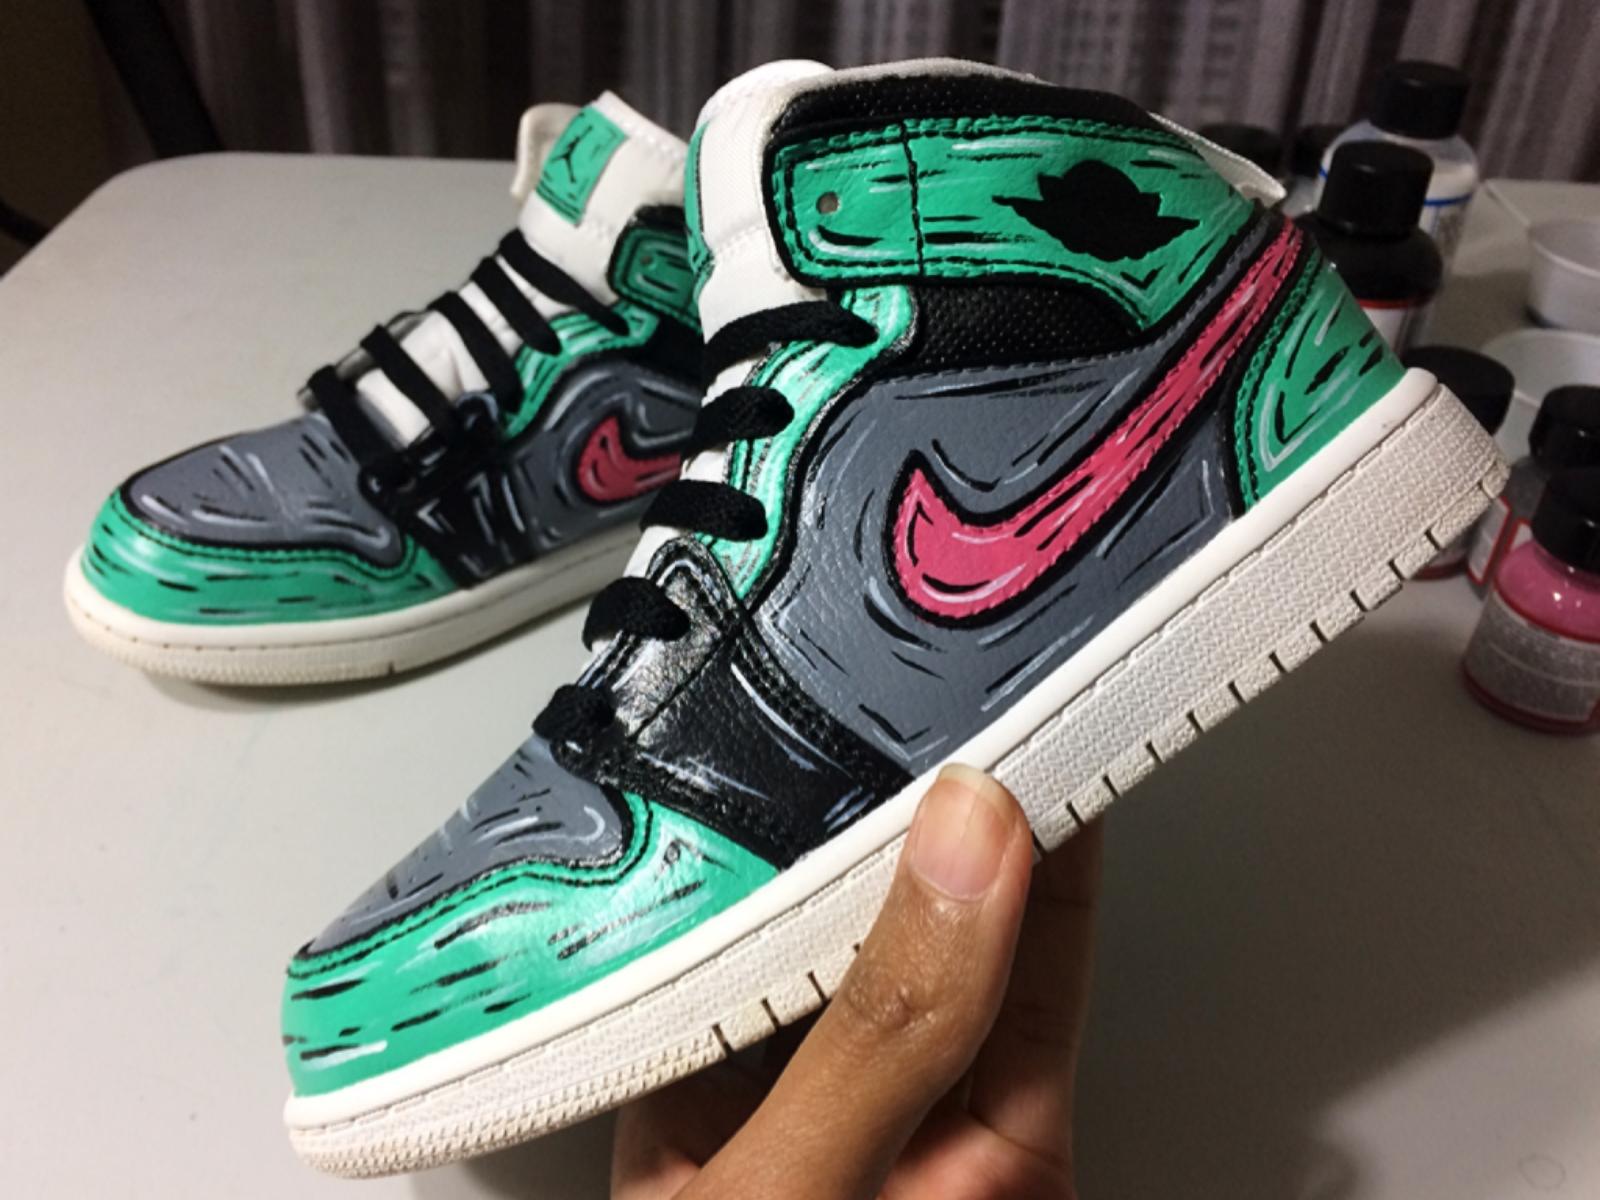 Air Jordan Custom designs, themes